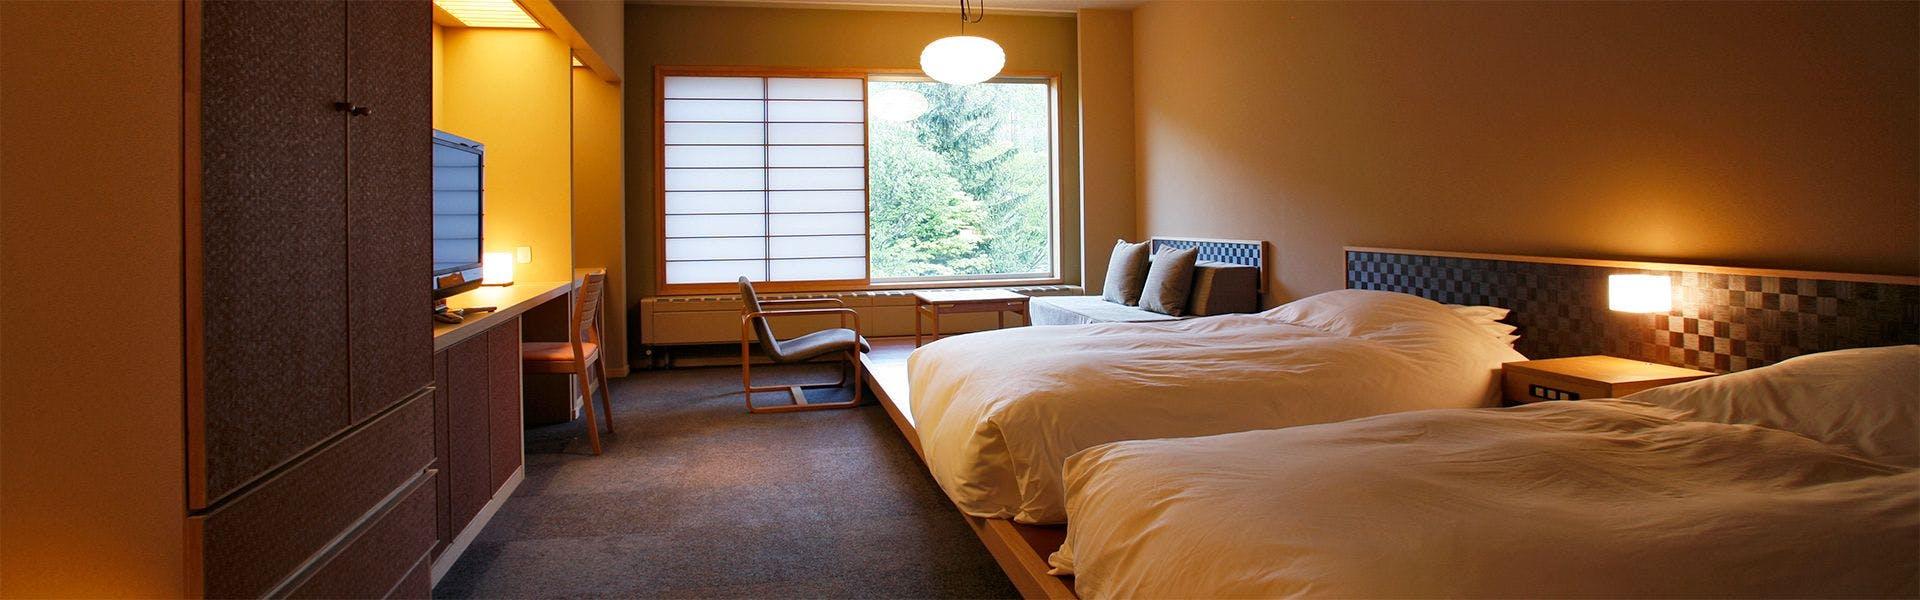 記念日におすすめのホテル・【女性のための宿 翠蝶館】の写真2